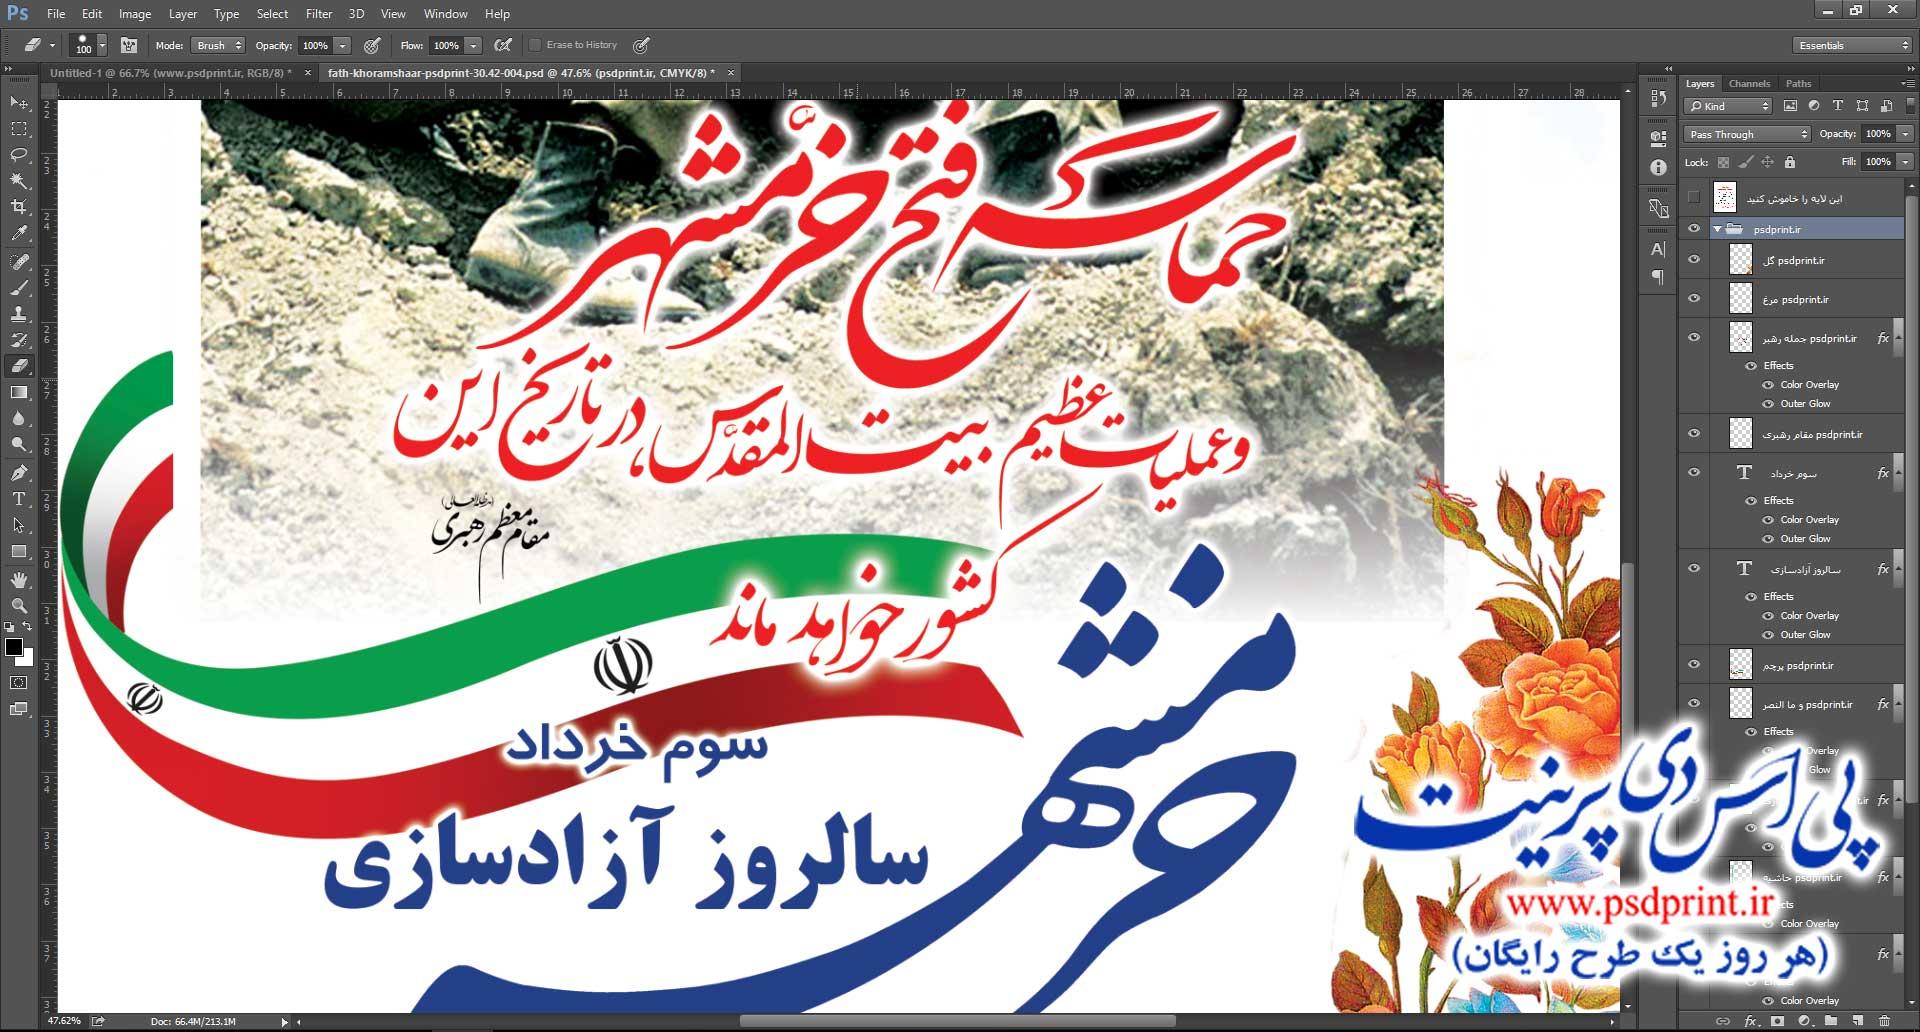 بنر روز آزادسازی خرمشهر